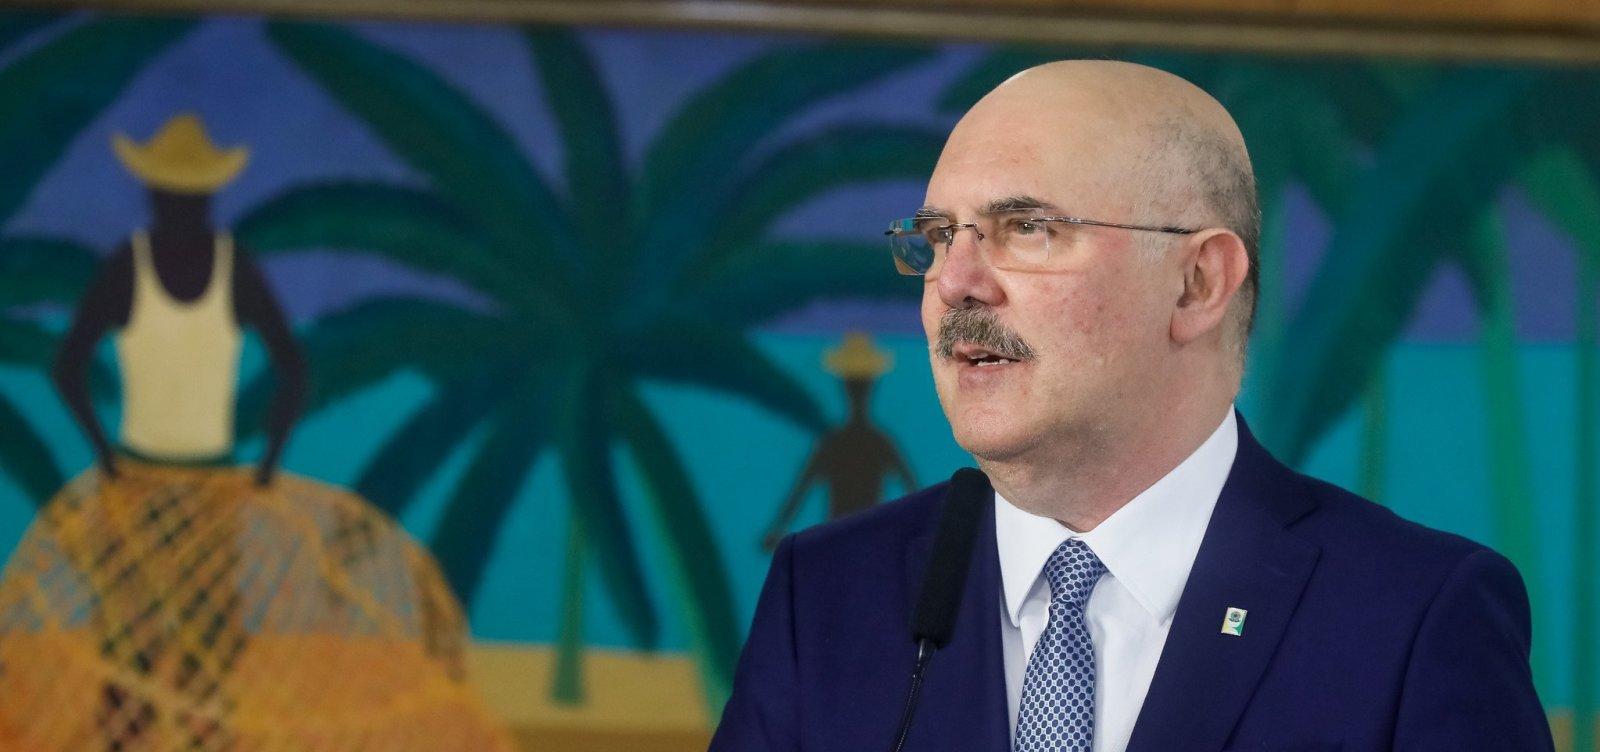 Aulas presenciais em universidades voltarão em 1º de março, diz ministro da Educação